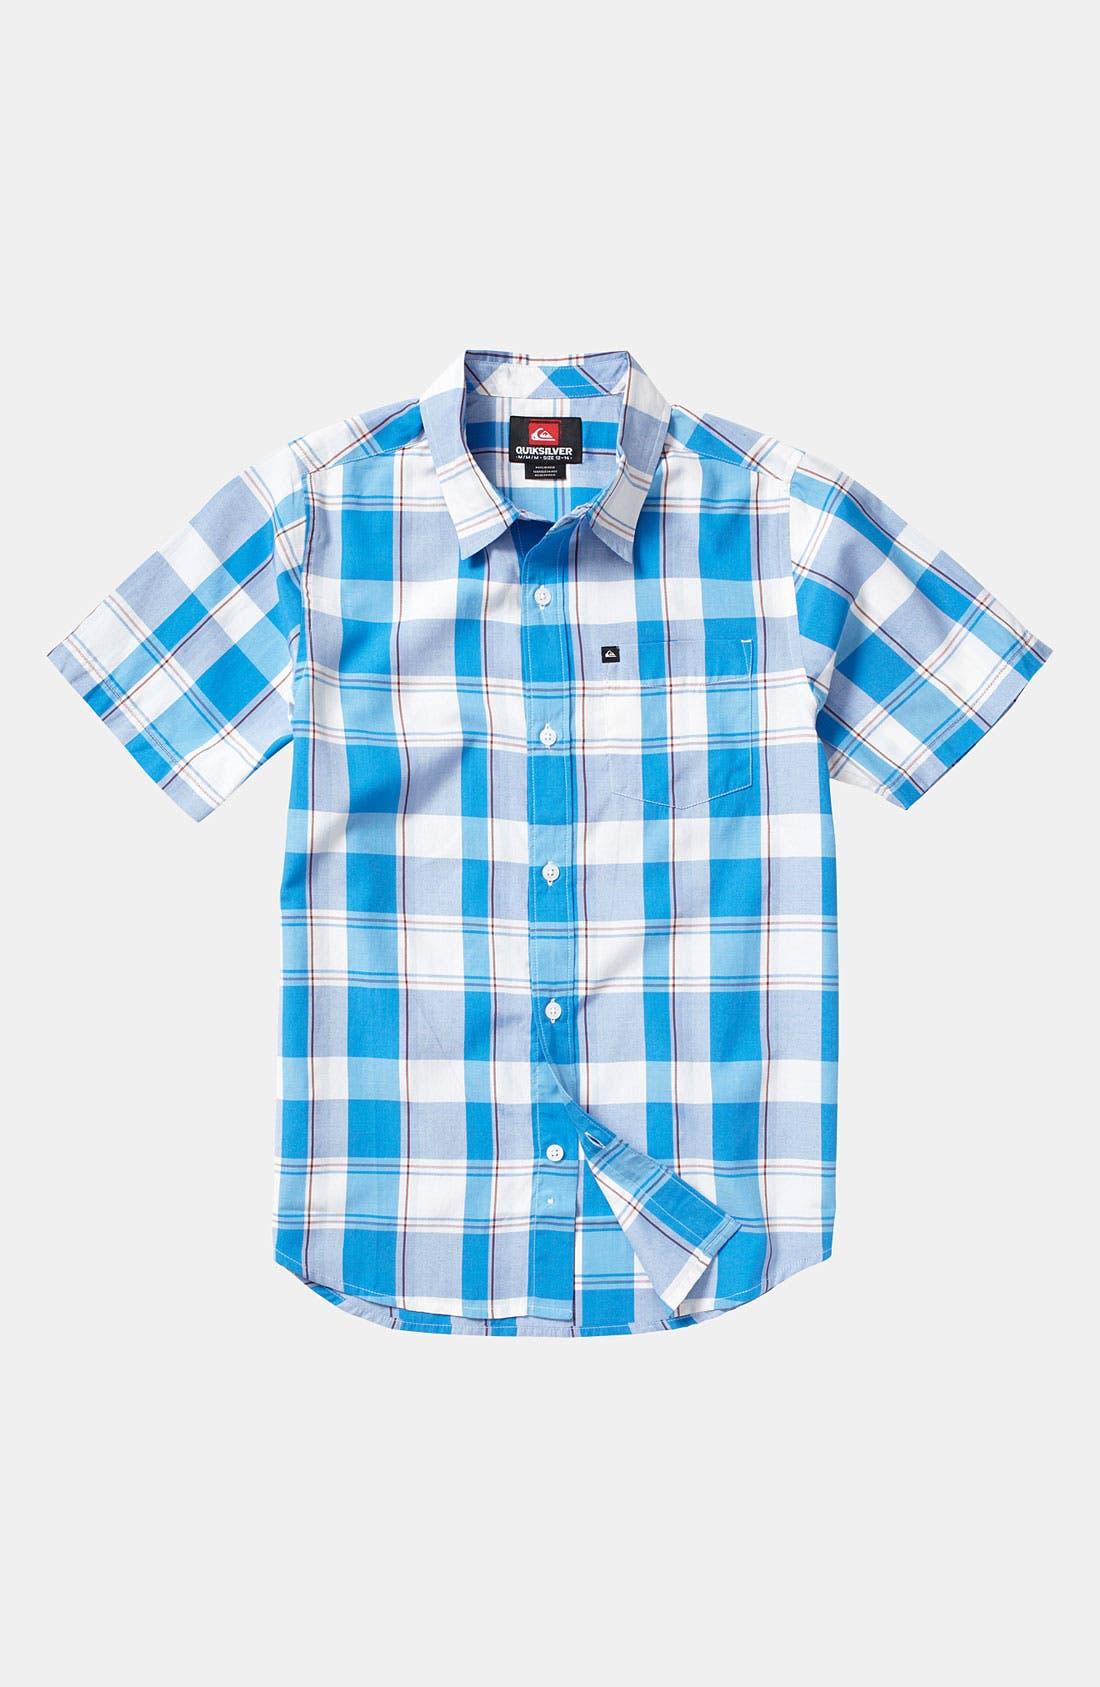 Main Image - Quiksilver Plaid Shirt (Little Boys)